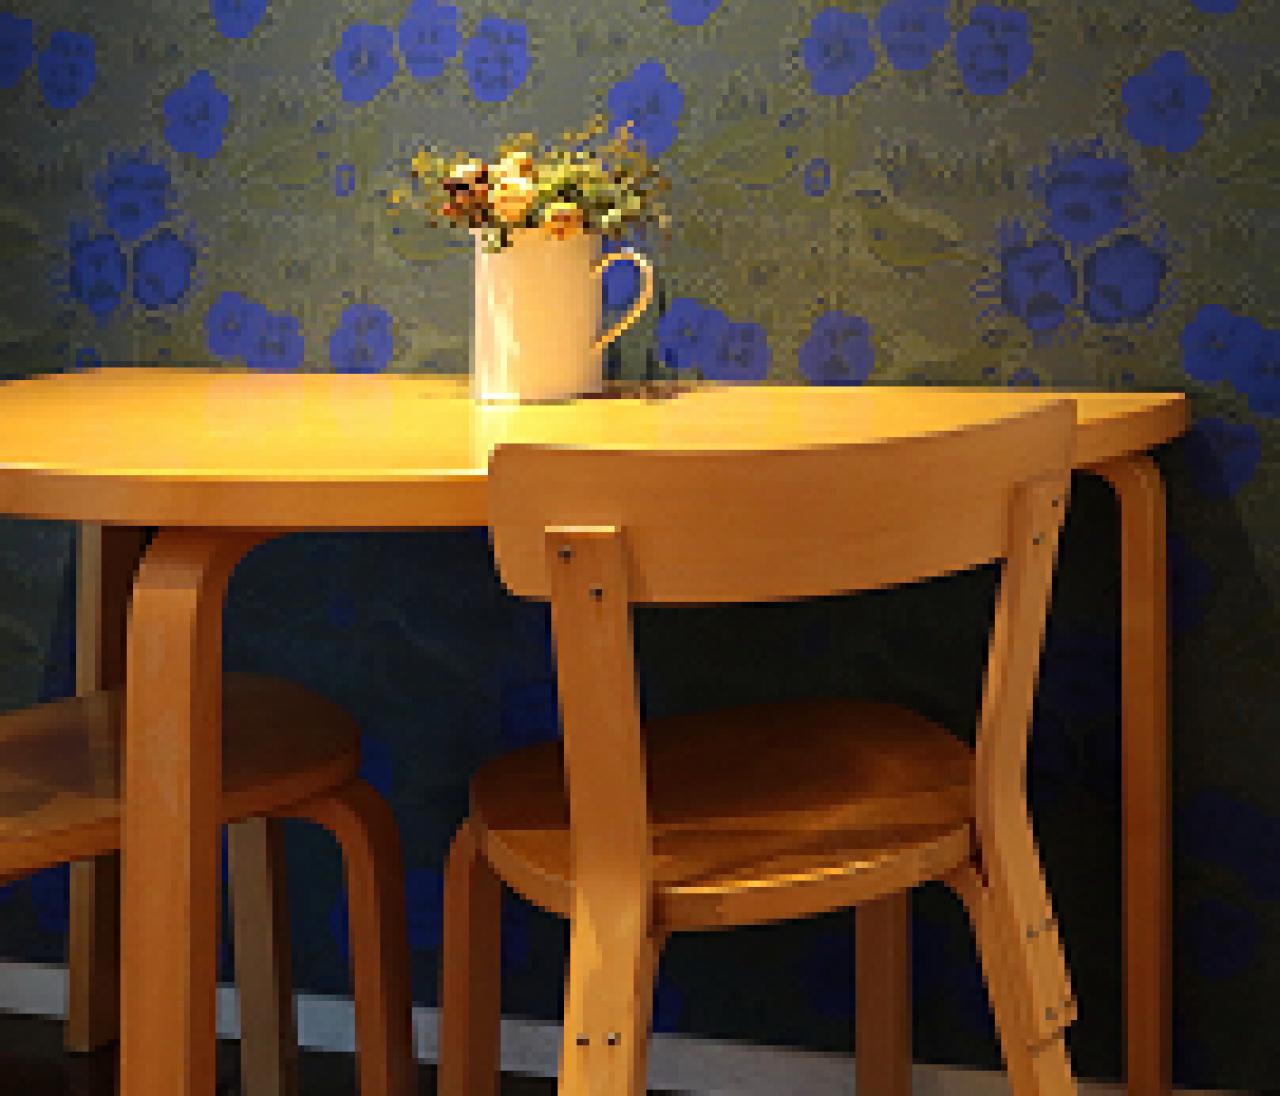 関西老舗の北欧ショップ、18年目にしてカフェがリニューアル! 【関西のイケスポ】再び北欧がアツい!③